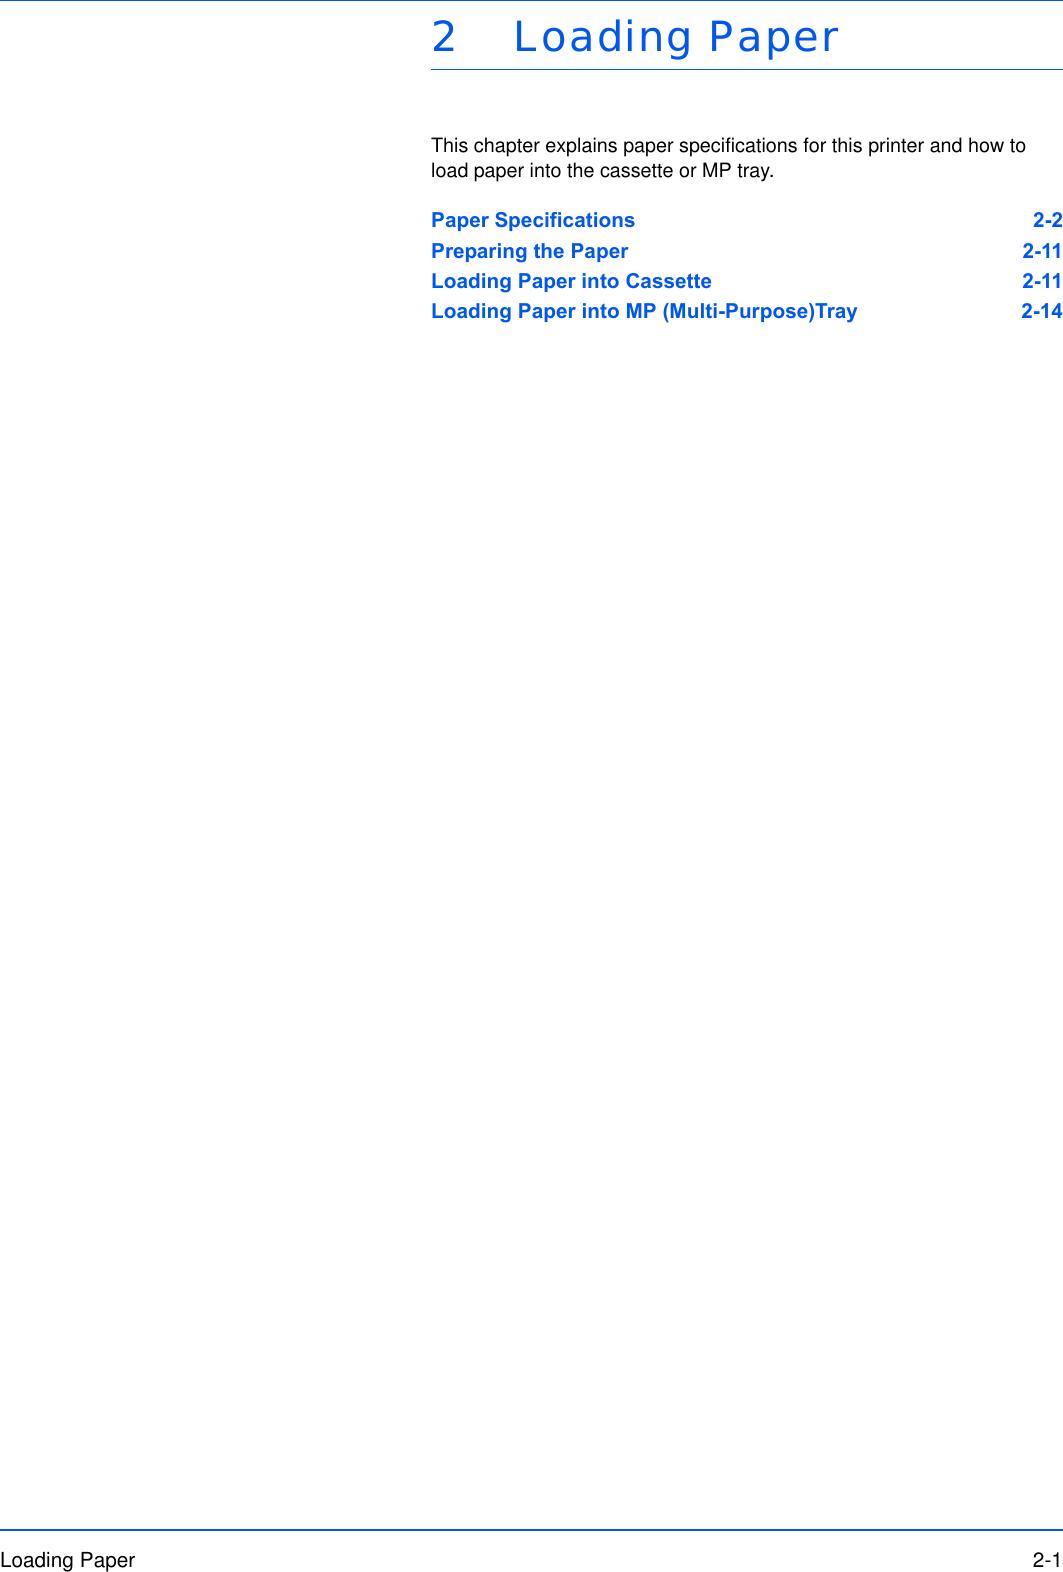 Kyocera Fs 1100 Users Manual 2HS_EN_OG